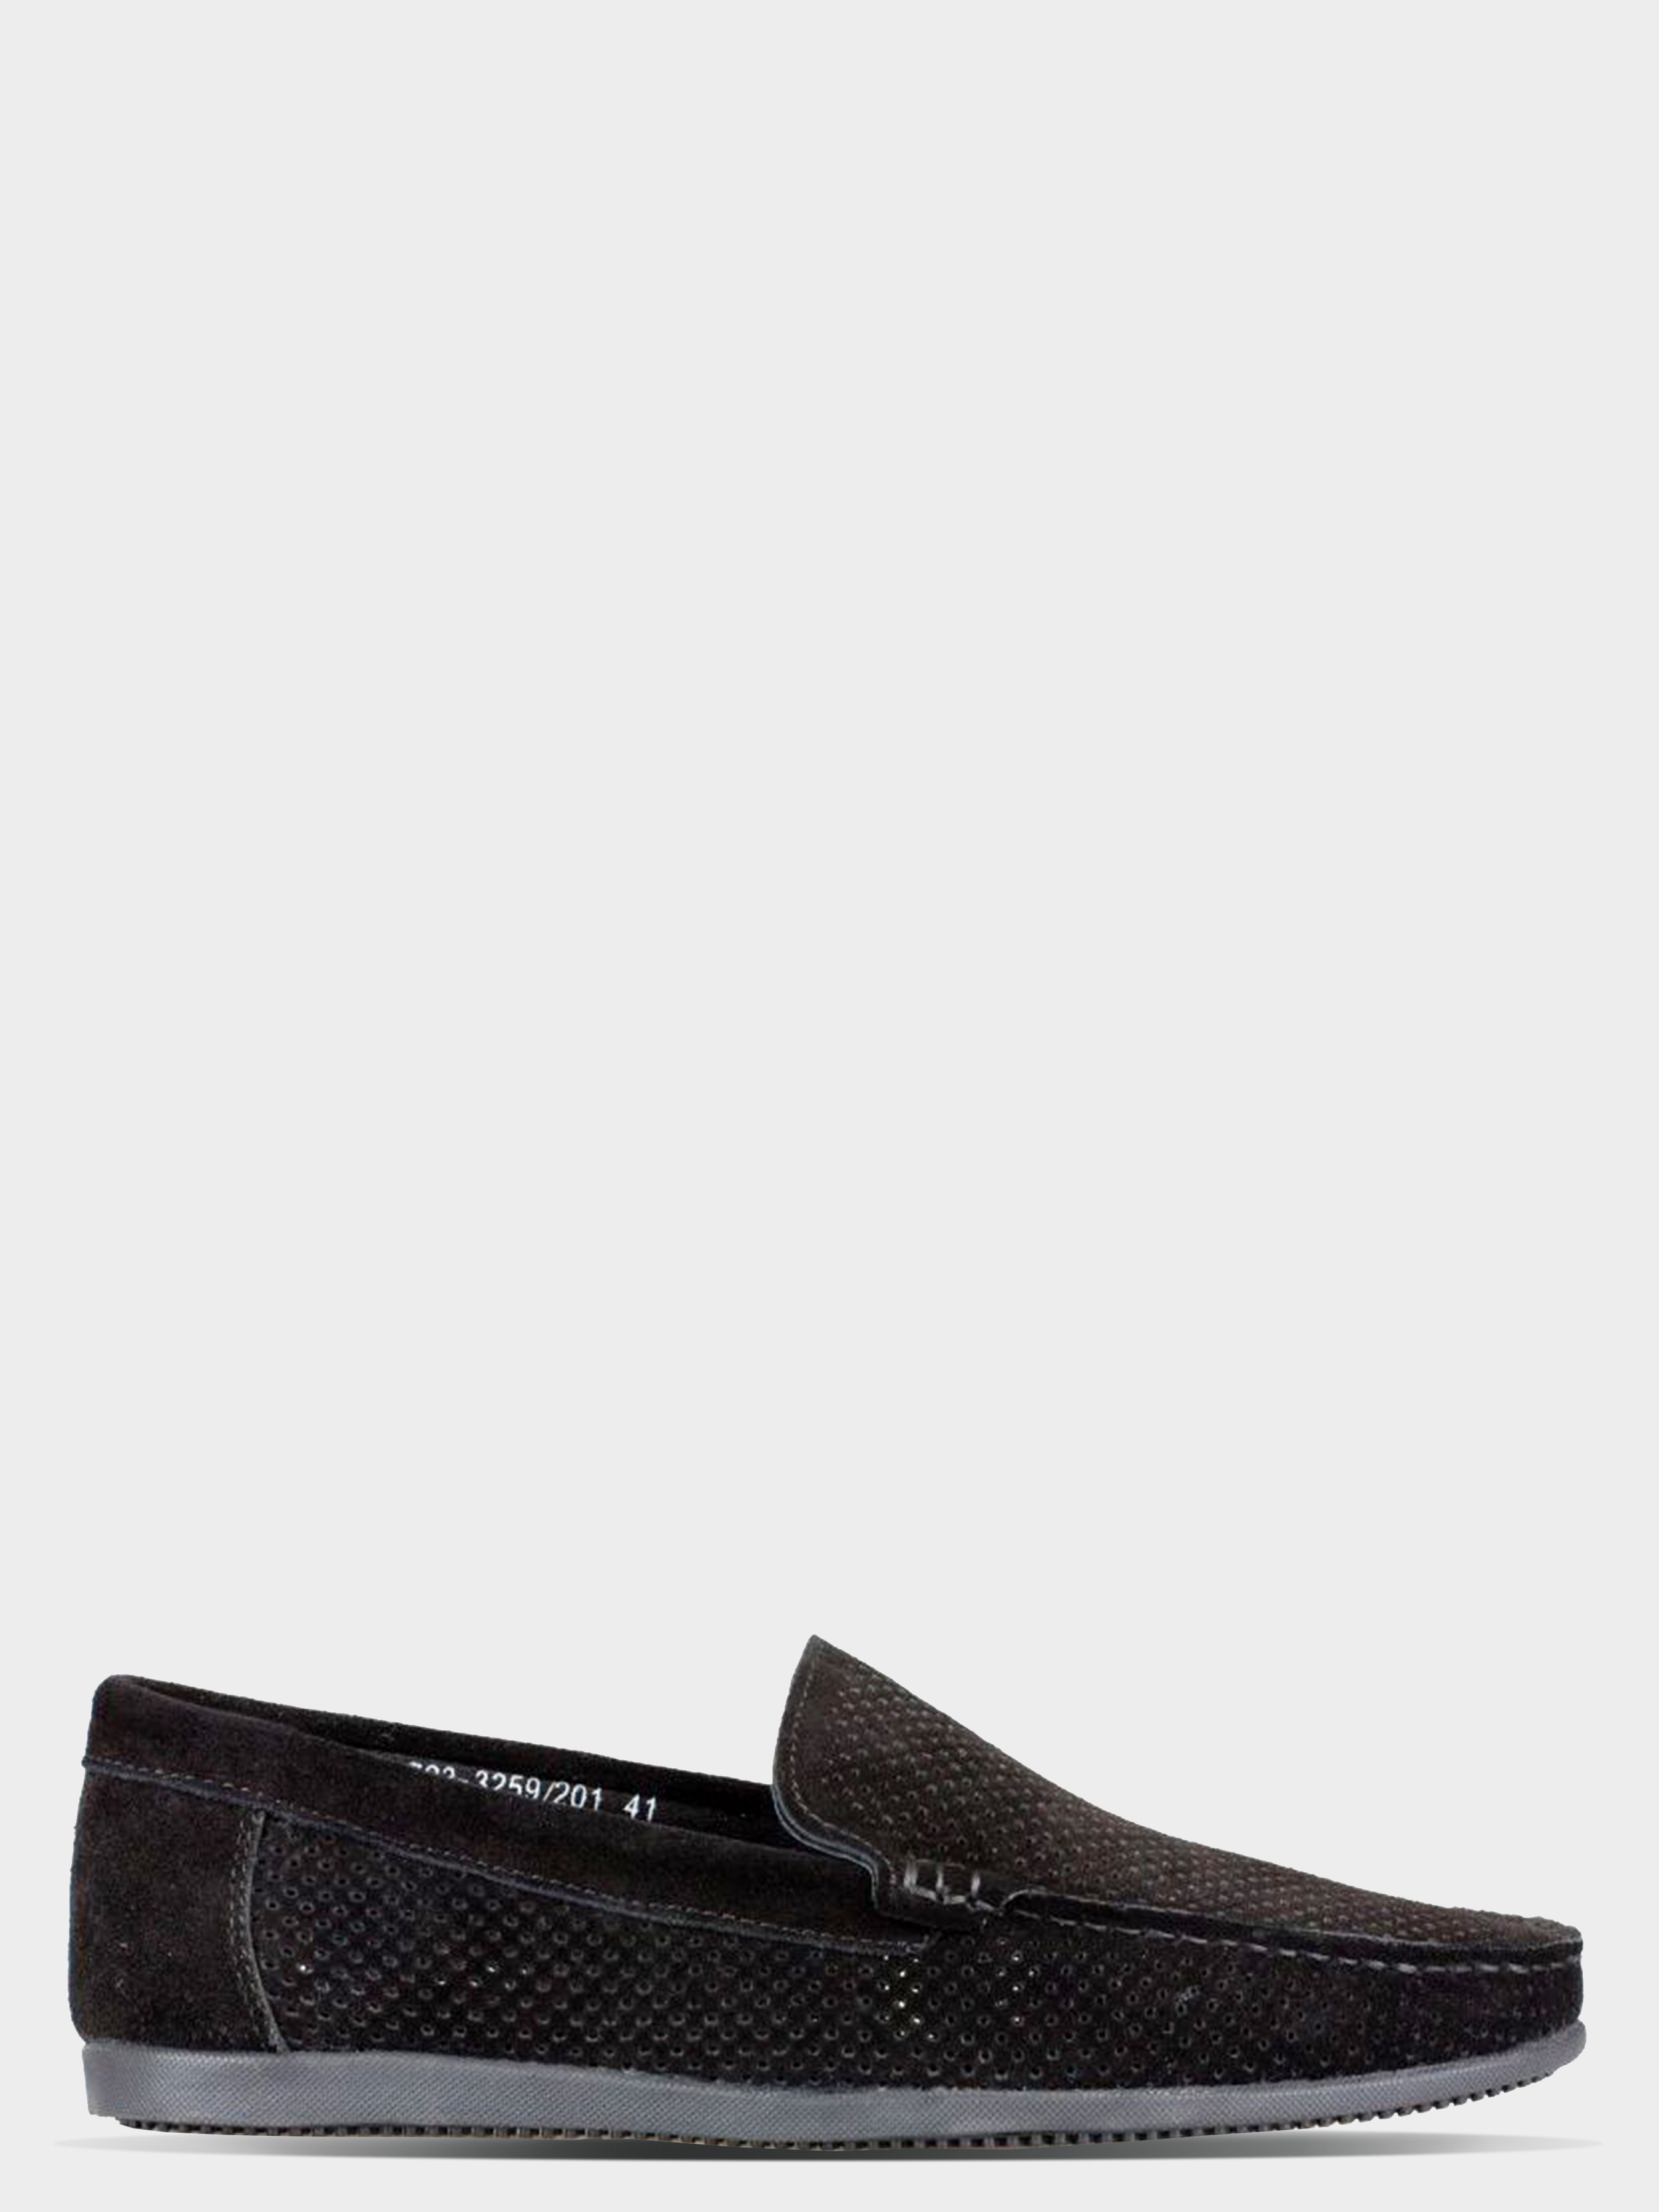 Мокасины для мужчин Braska BR1539 размерная сетка обуви, 2017